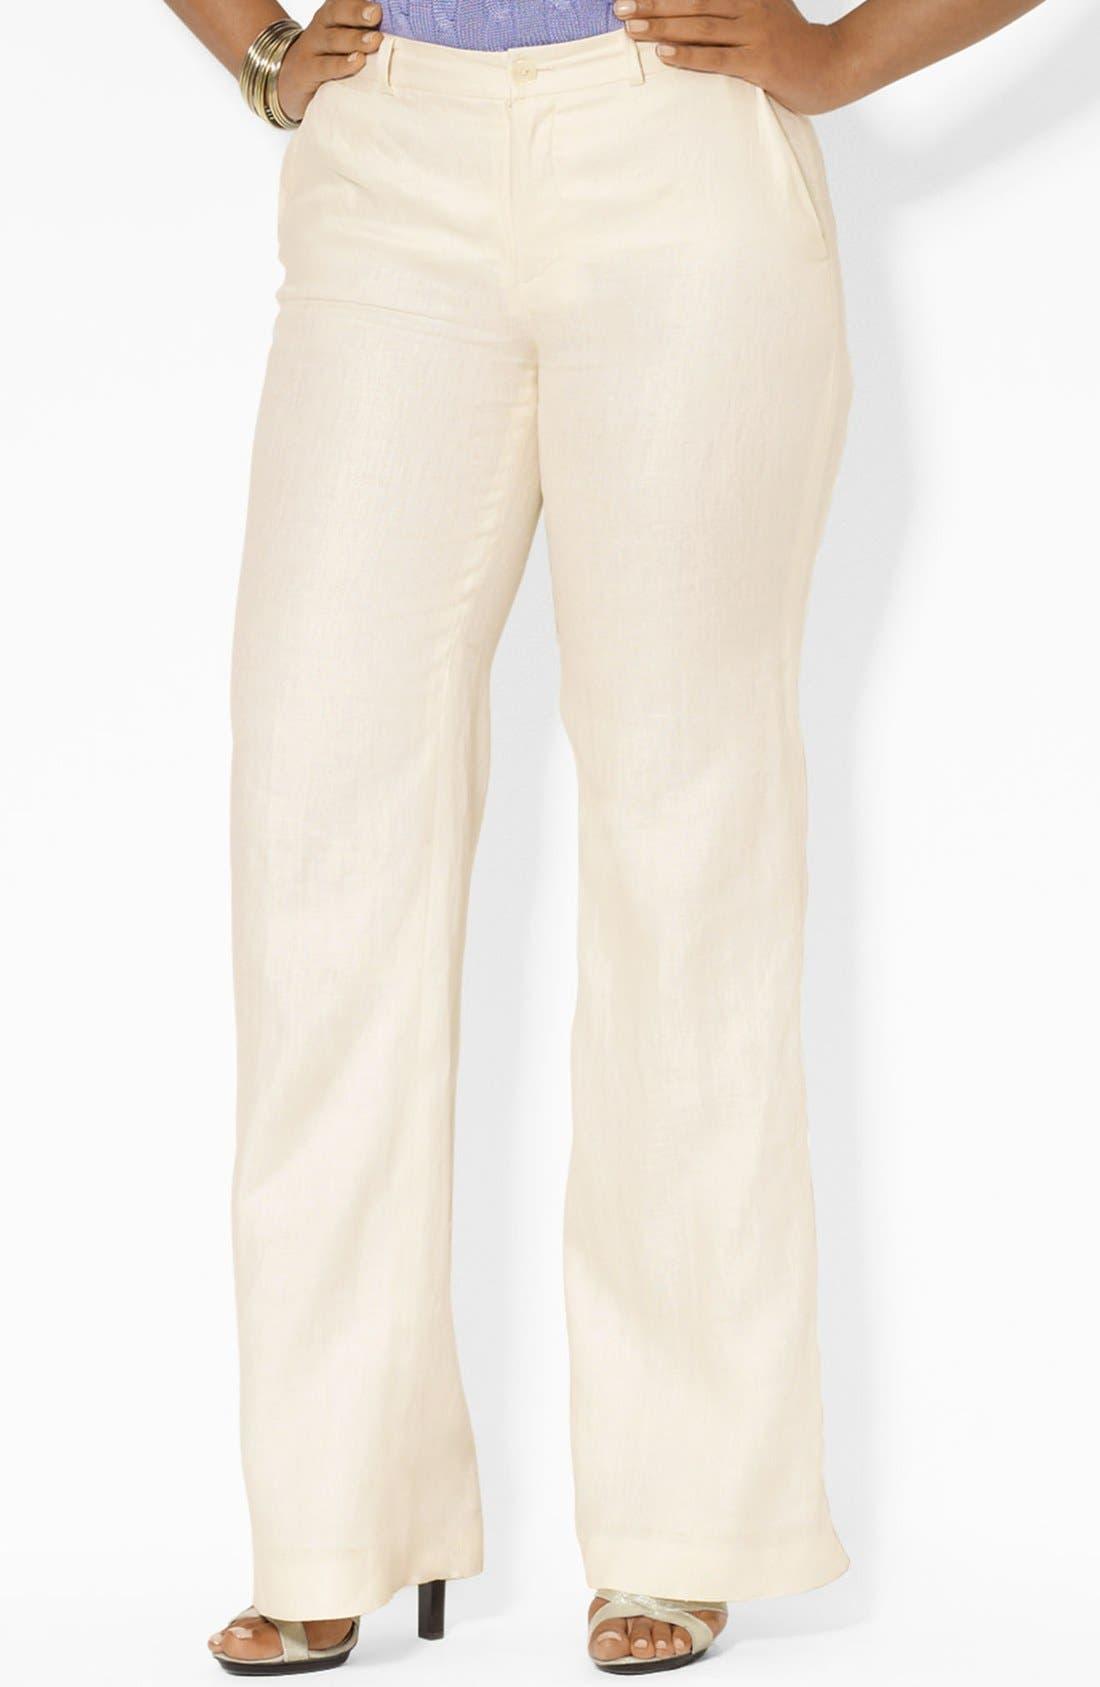 Alternate Image 1 Selected - Lauren Ralph Lauren Wide Leg Linen Pants (Plus Size)